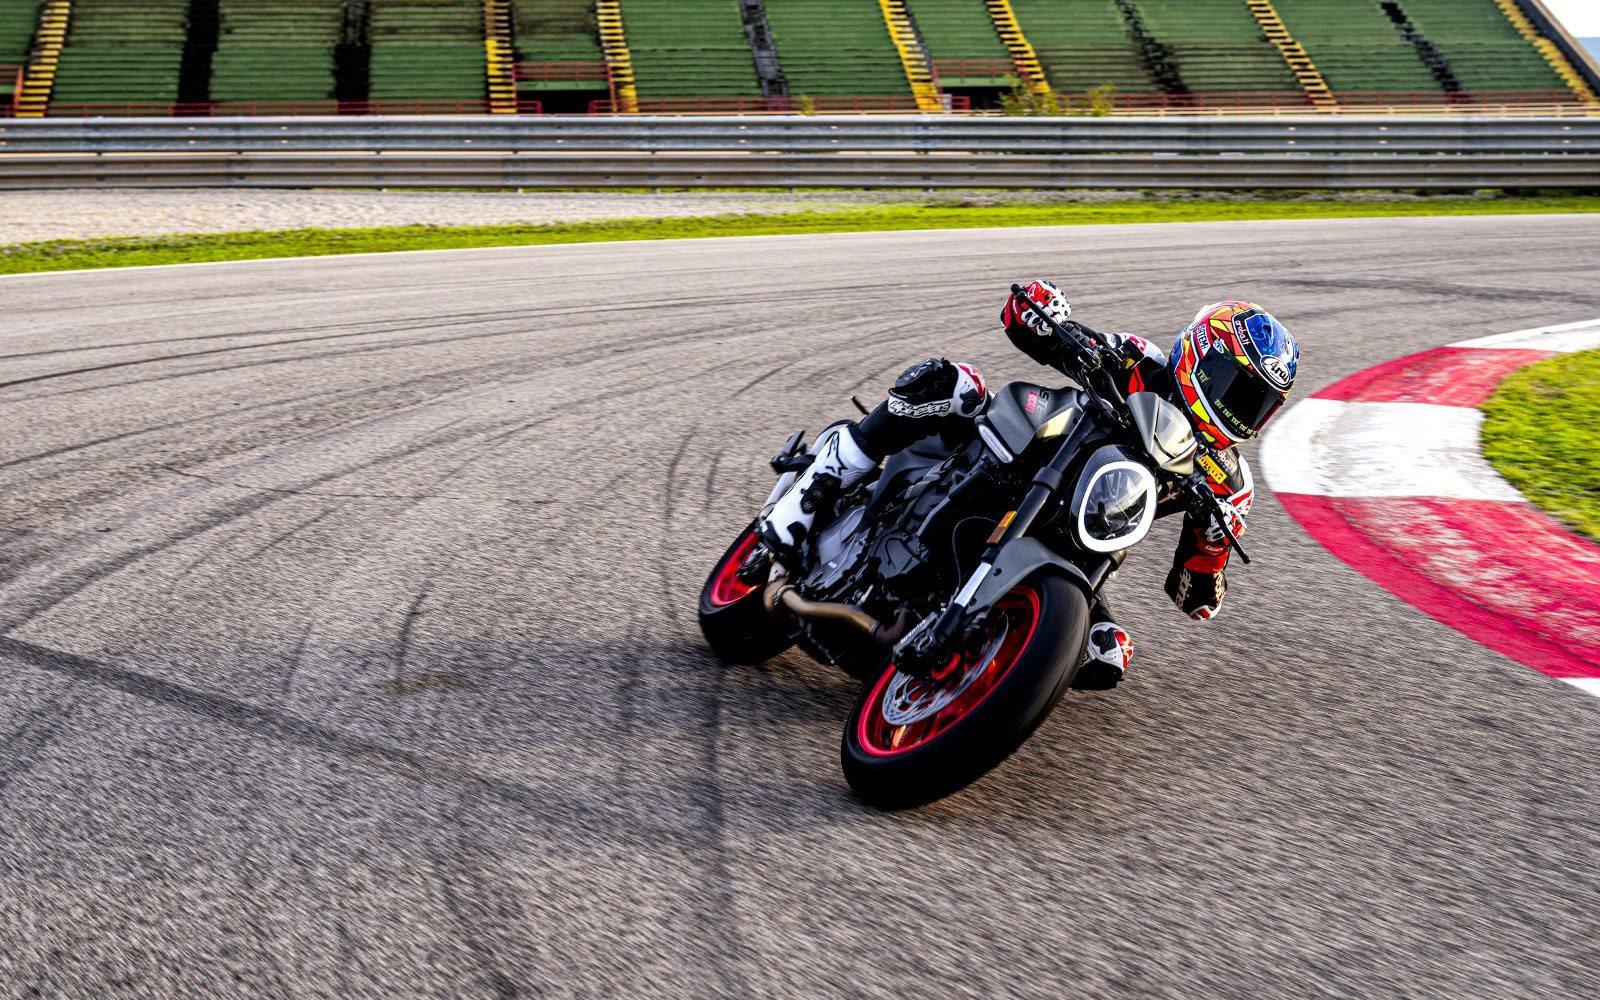 La nueva Monster representa toda la esencia de Ducati en la forma más ligera, compacta y esencial posible. Ya puedes adivinarlo por el nombre: Monster, nada más. Un motor deportivo, pero perfecto para uso en carretera, combinado con un cuadro derivado ...